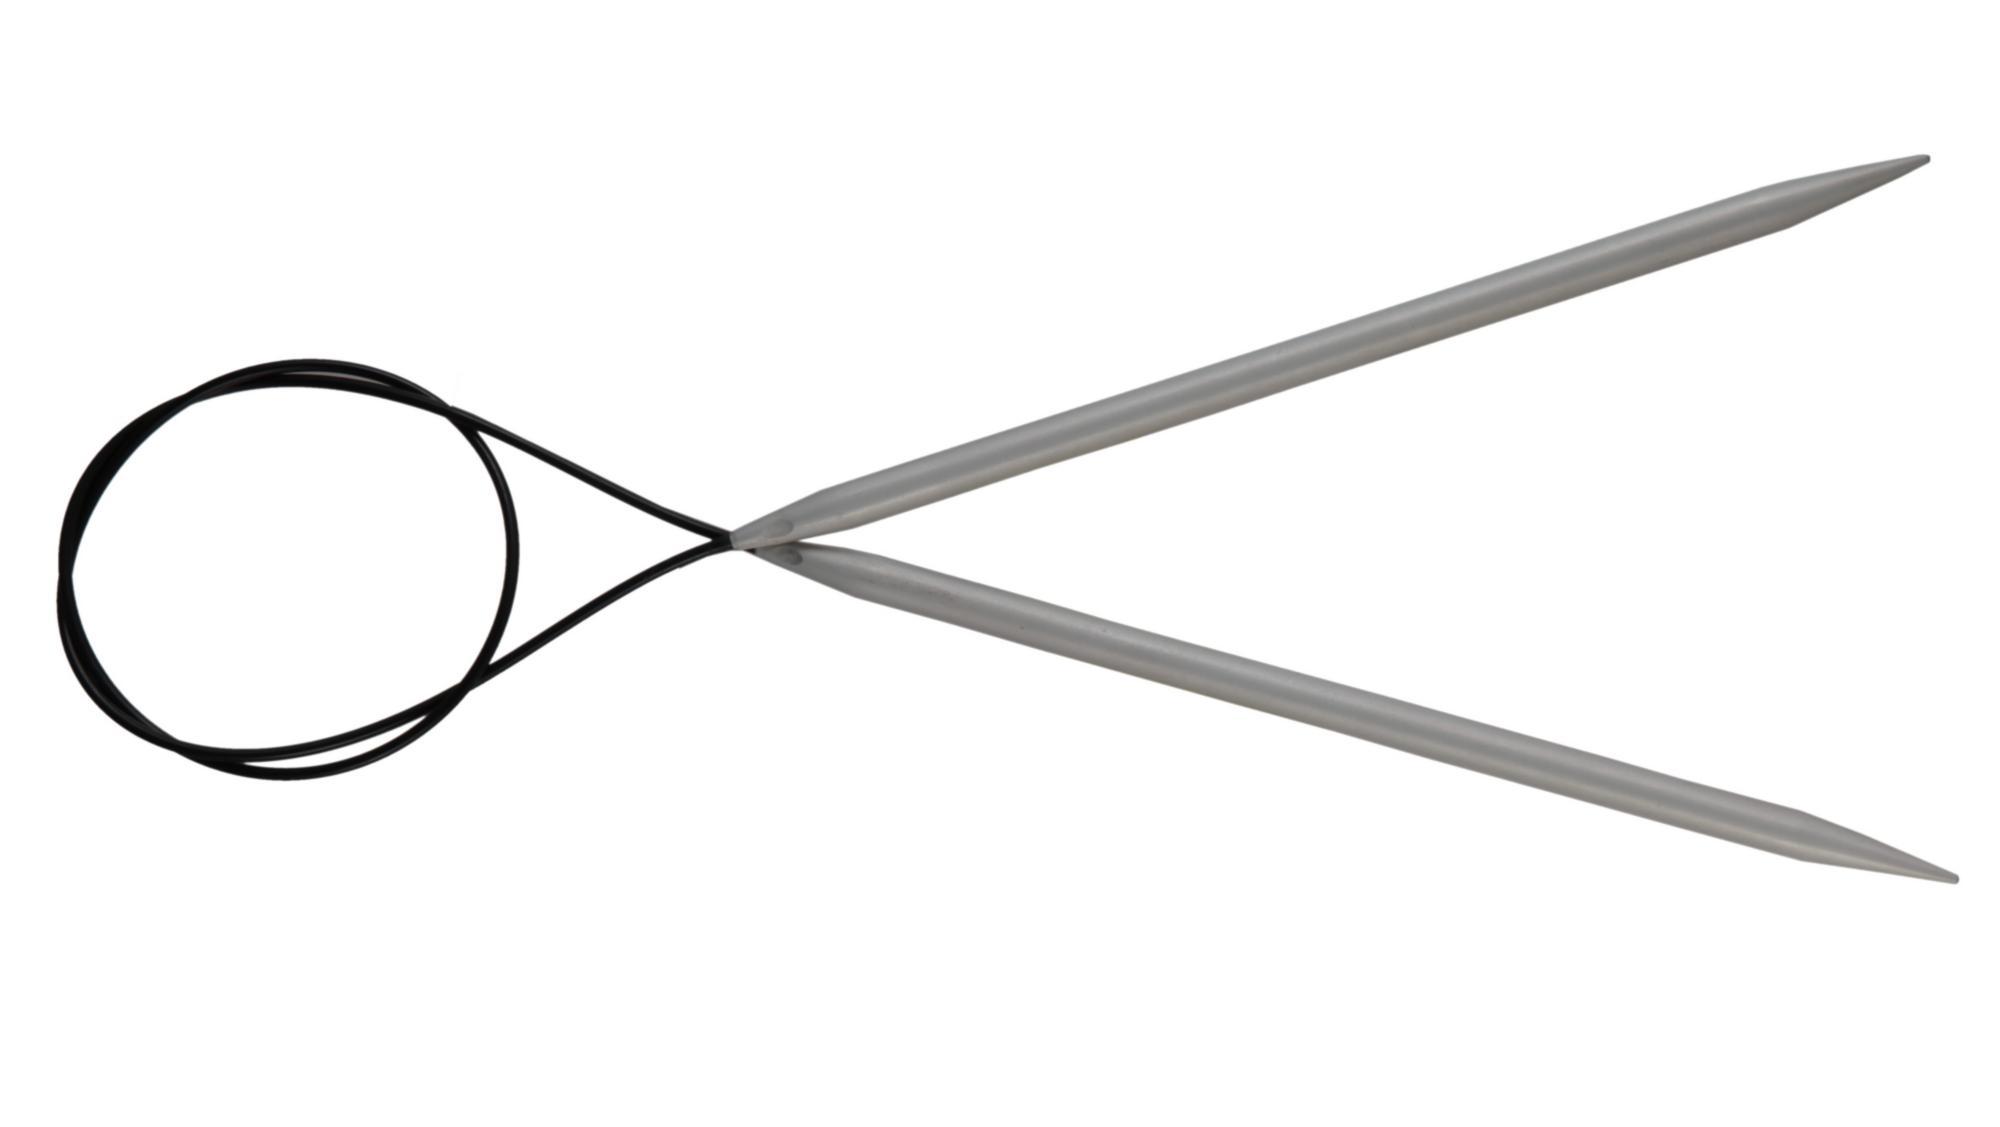 Спицы круговые 100 см Basix Aluminium KnitPro, 45381, 3.25 мм